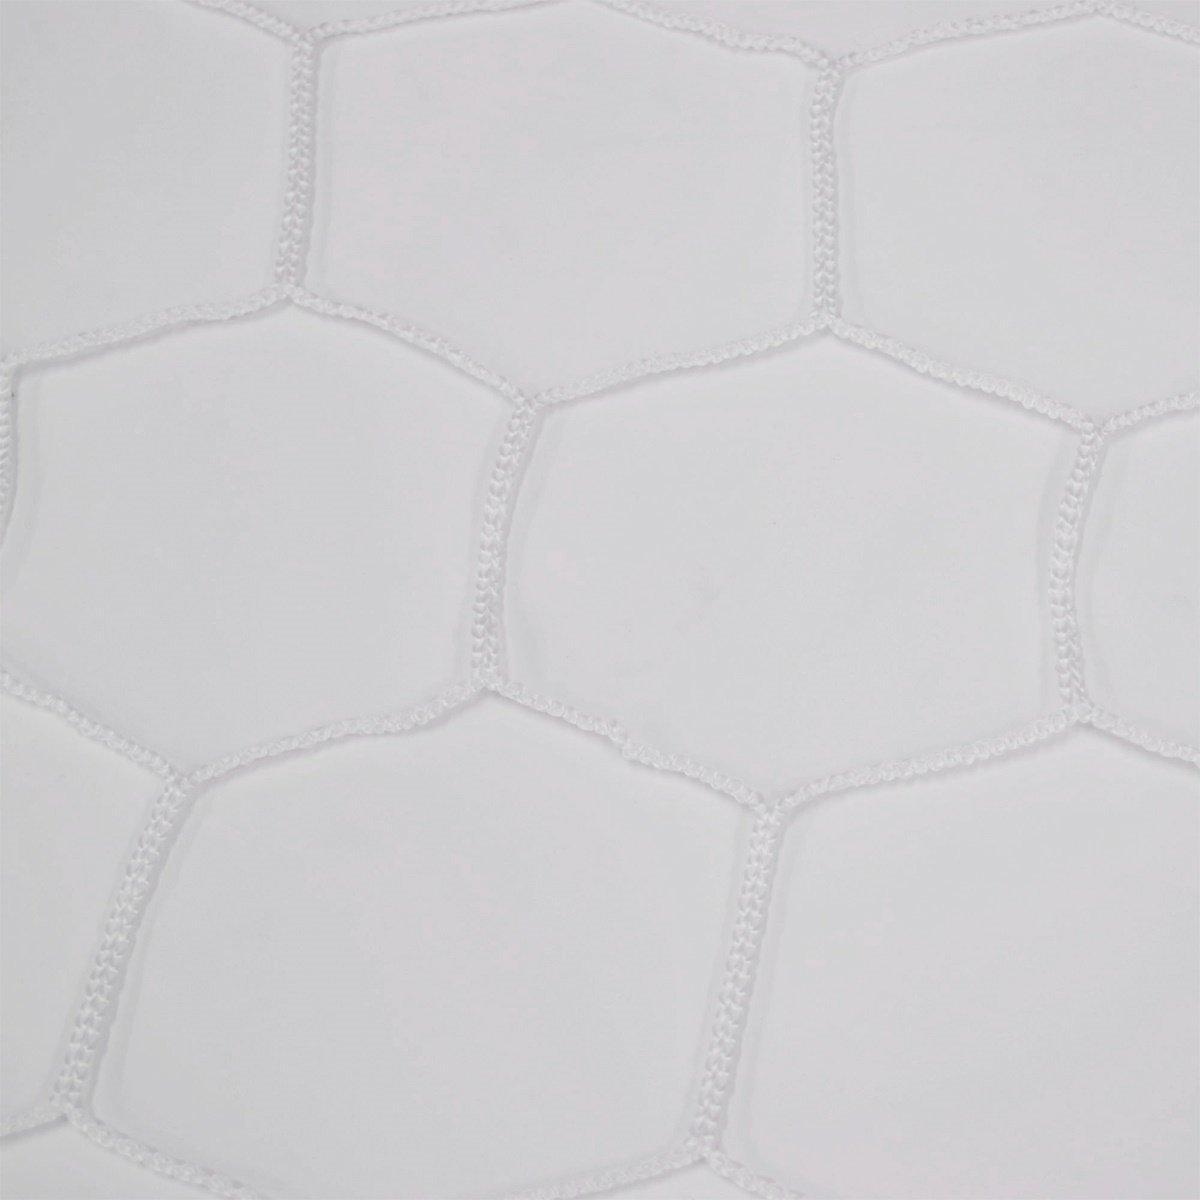 GIMER 10 513 Netze, Weiß, 4 mm